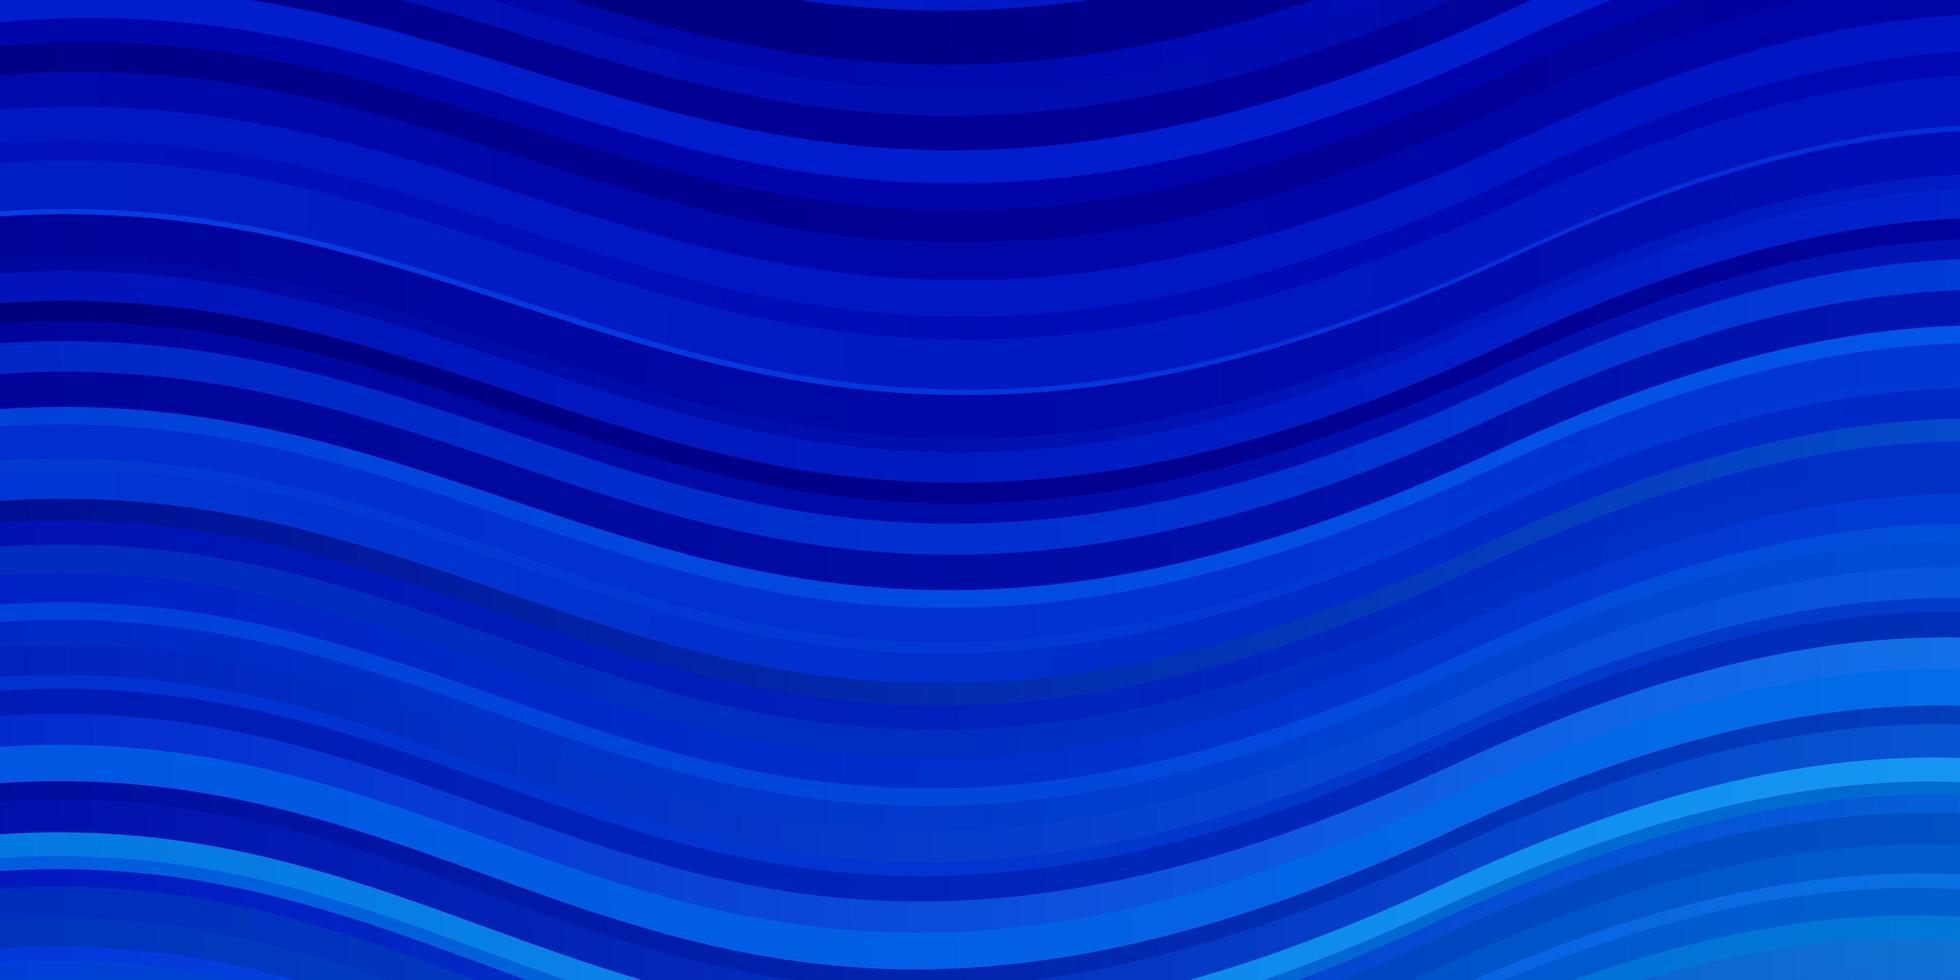 modelo de vetor azul claro com linhas curvas.